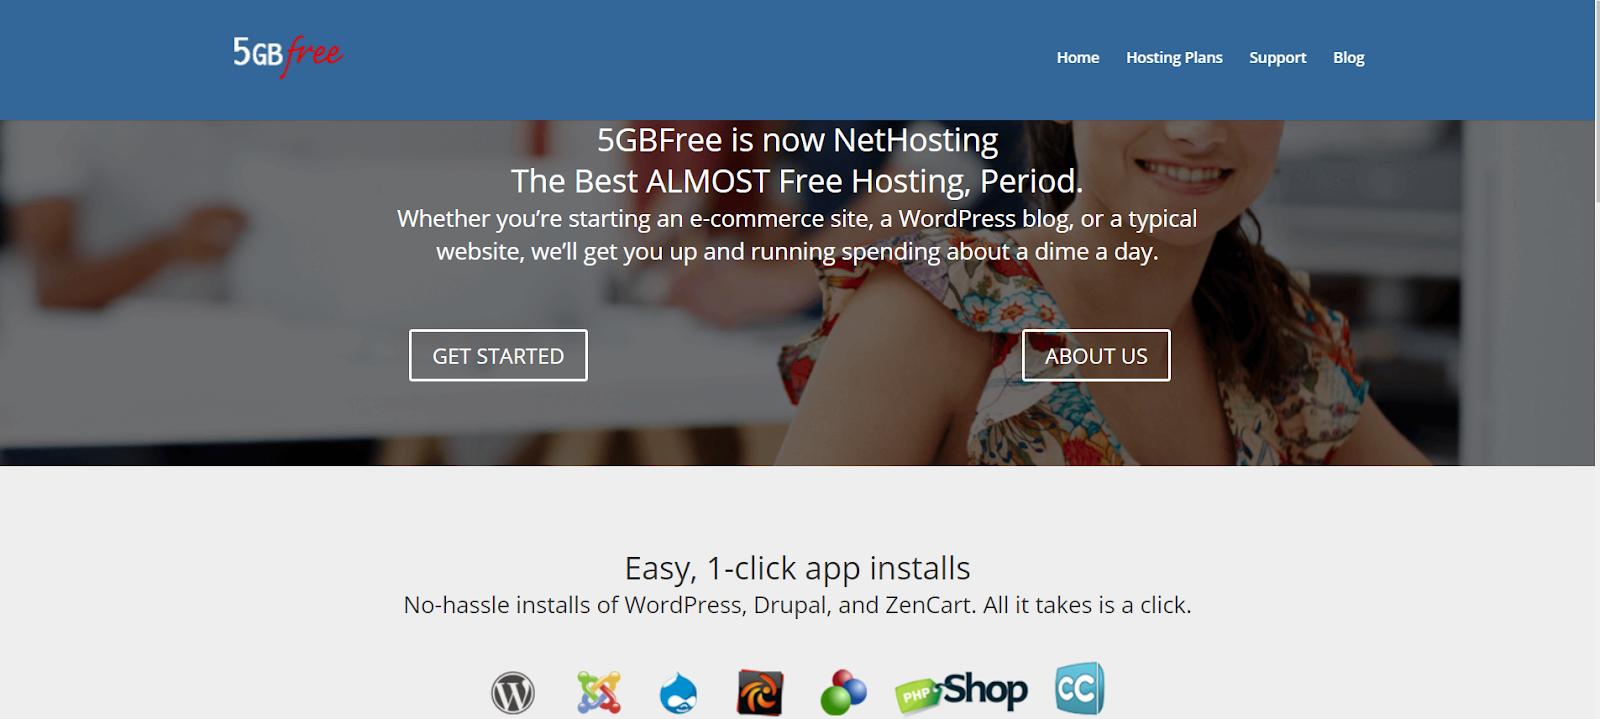 5gbfree homepage website hosting